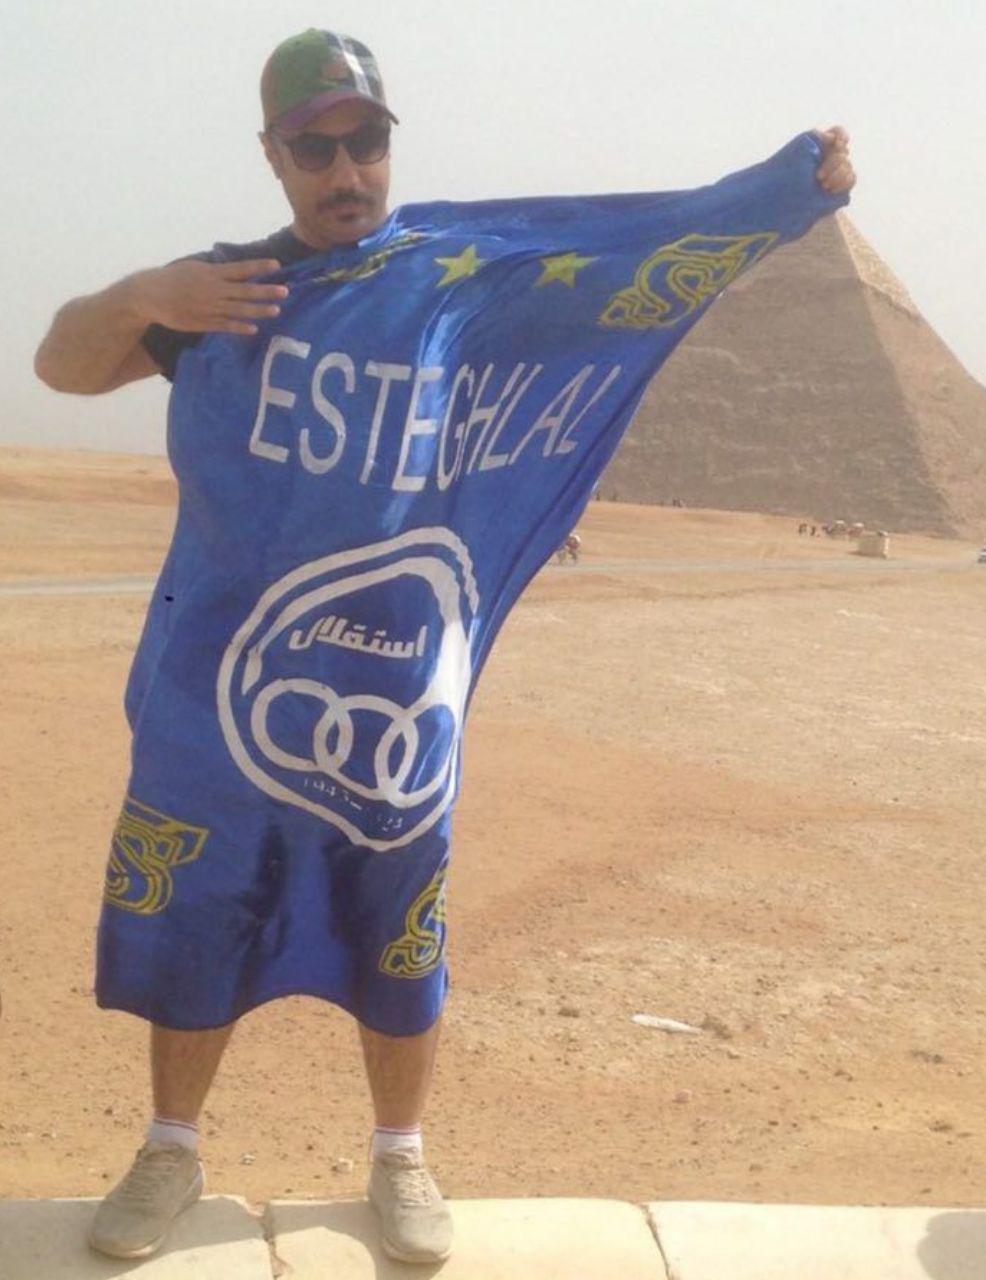 پرچم باشگاه استقلال در مصر و در کنار اهرام+عکس